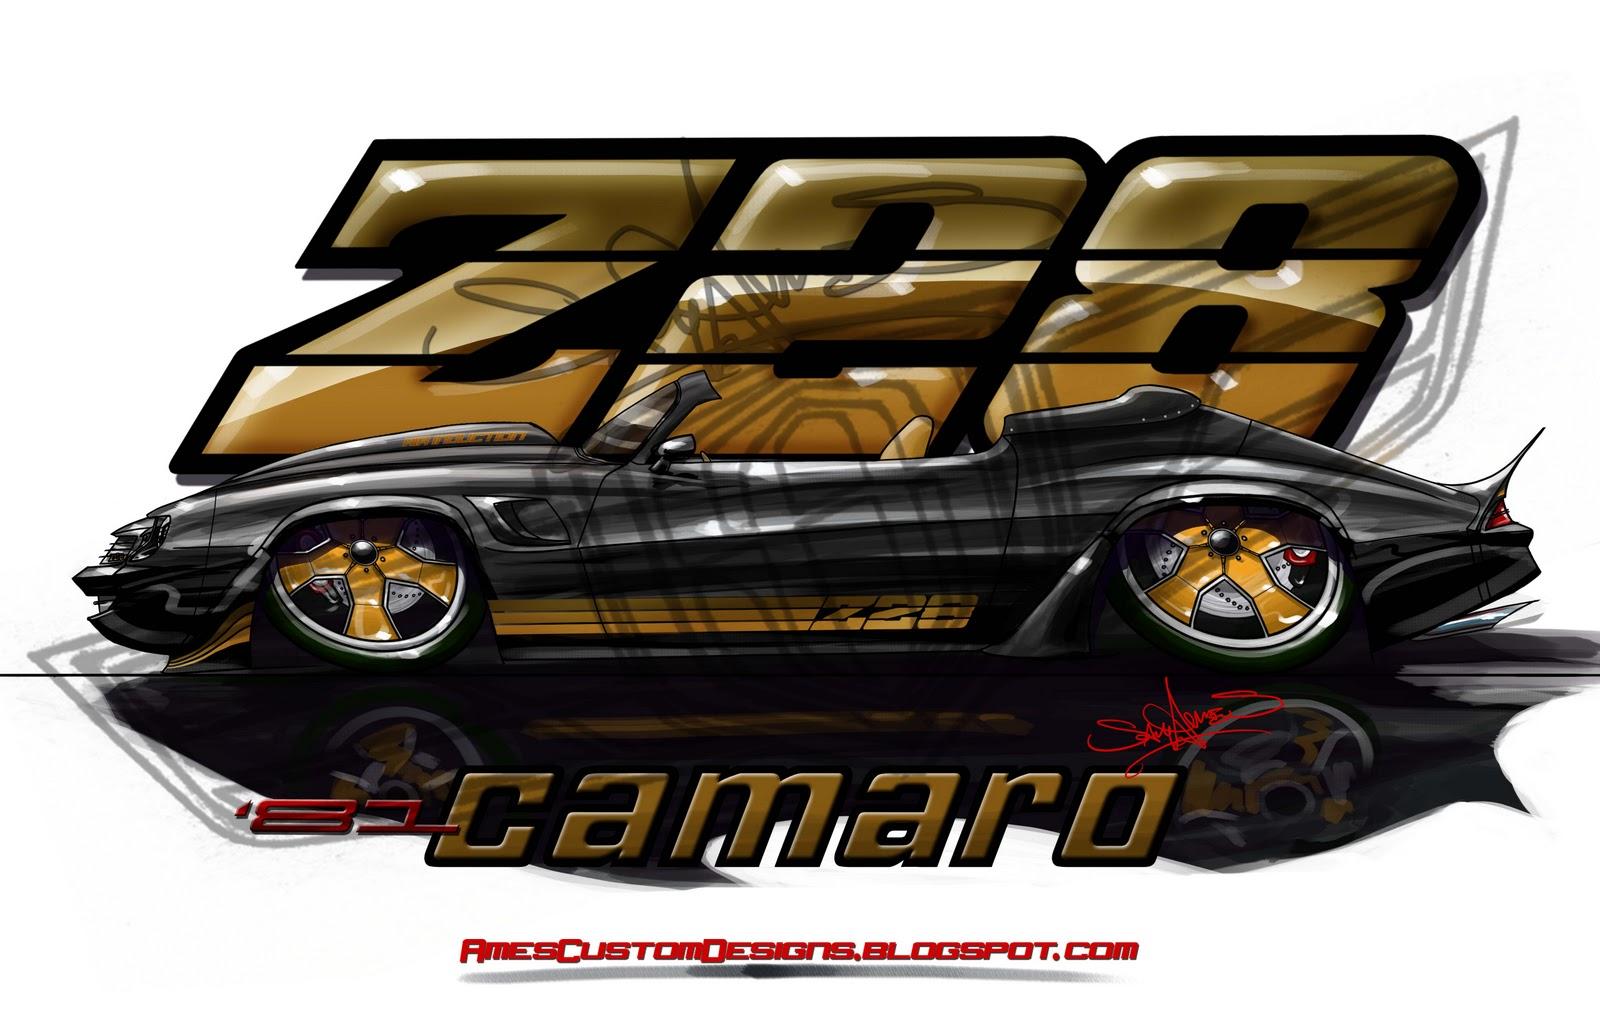 Sam Ames Gen Camaro Clients